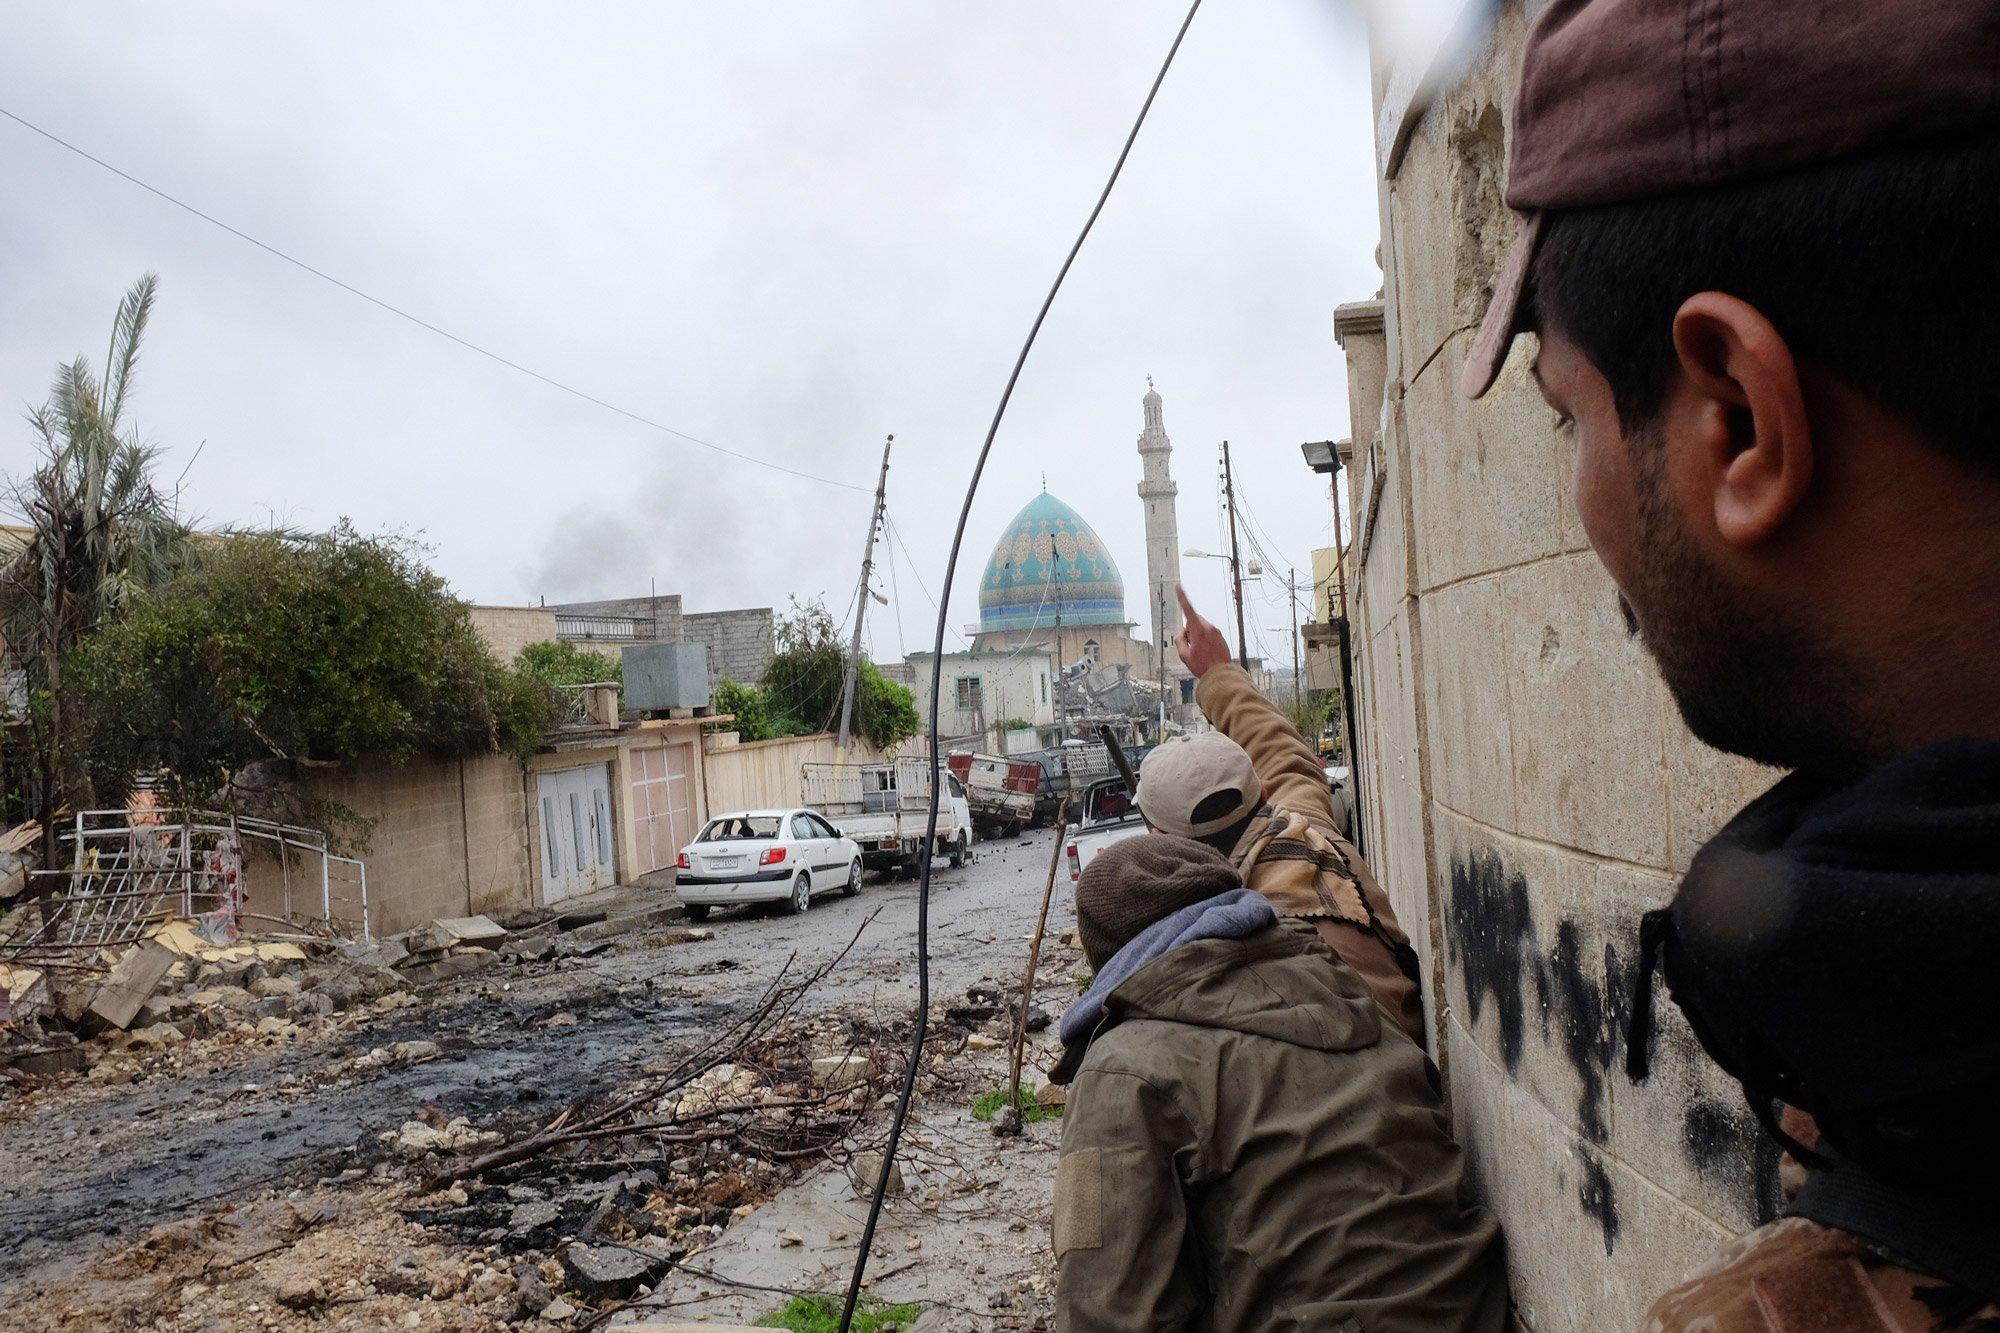 Las fuerzas iraquíes están tratando de localizar a un francotirador en el oeste de Mosul, norte de Irak - 23 de marzo de 2017 Alpeyrie